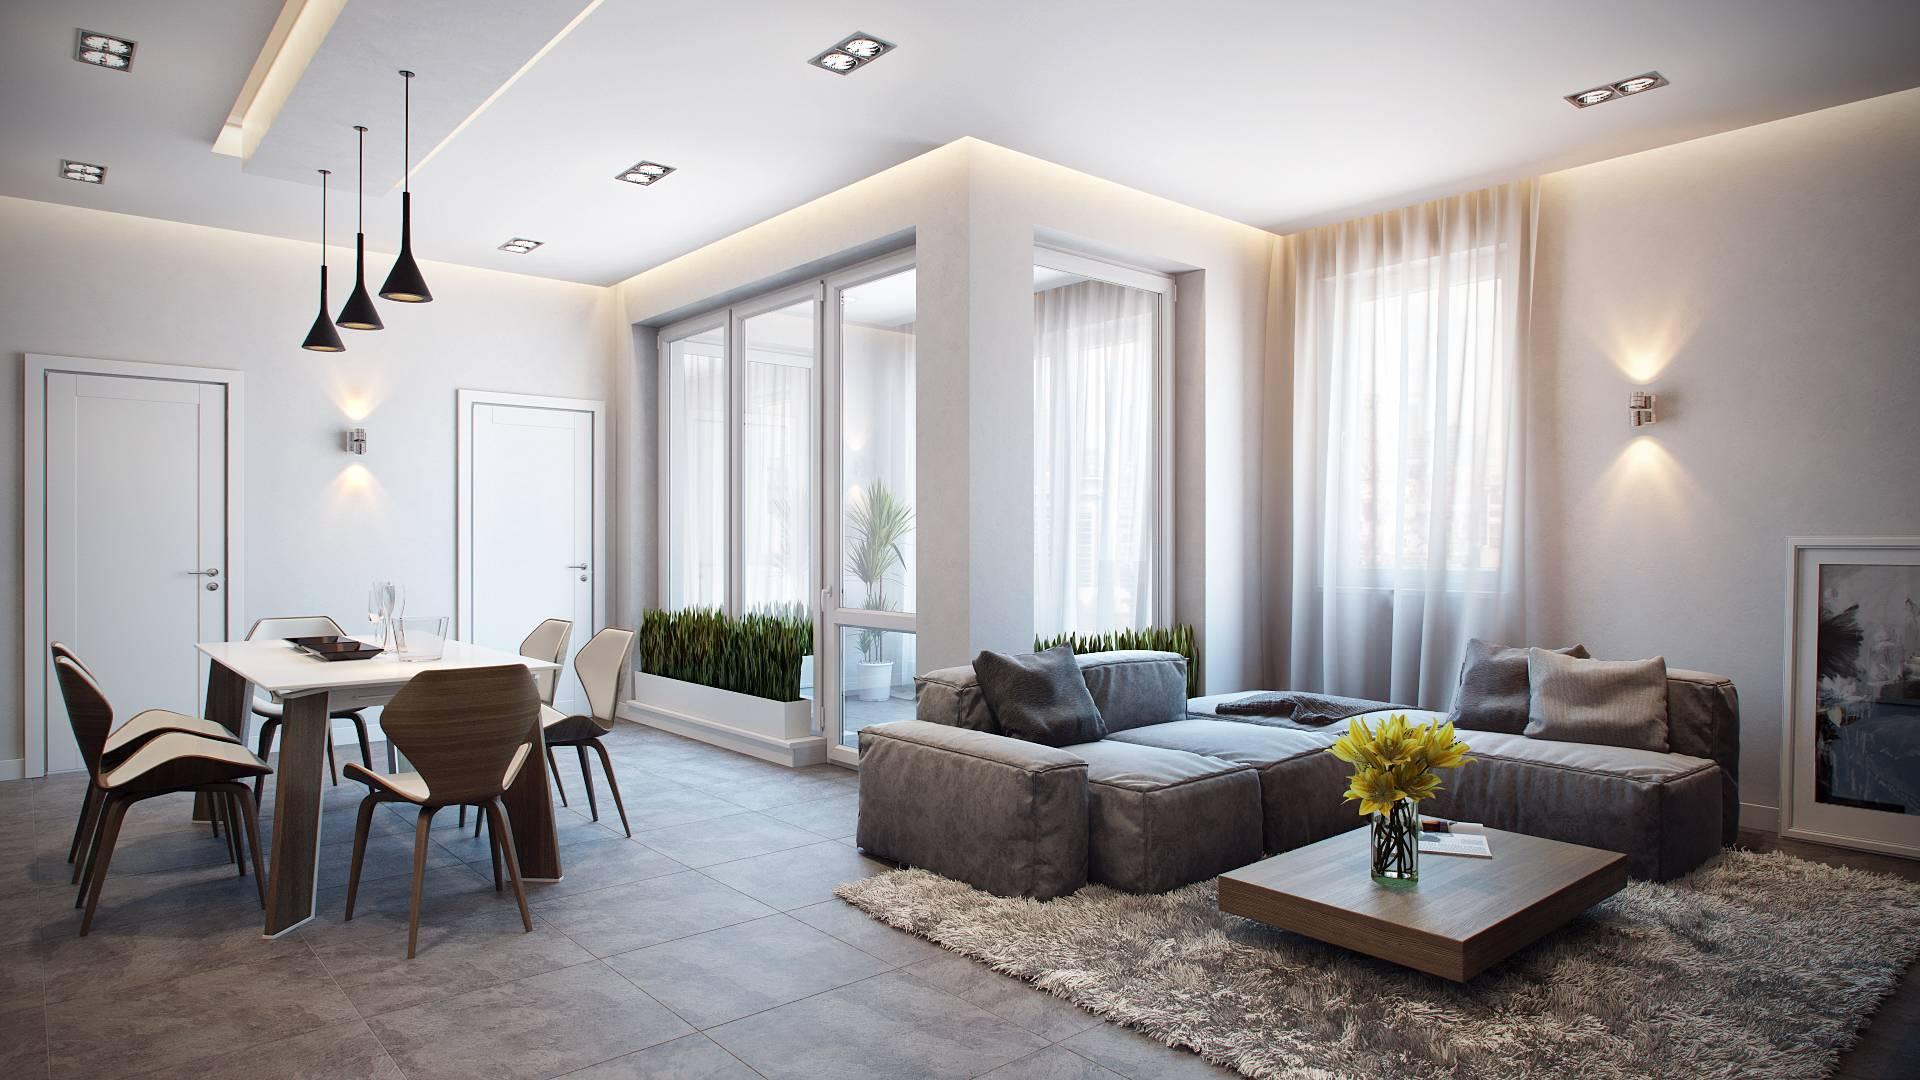 Современное освещение в квартире